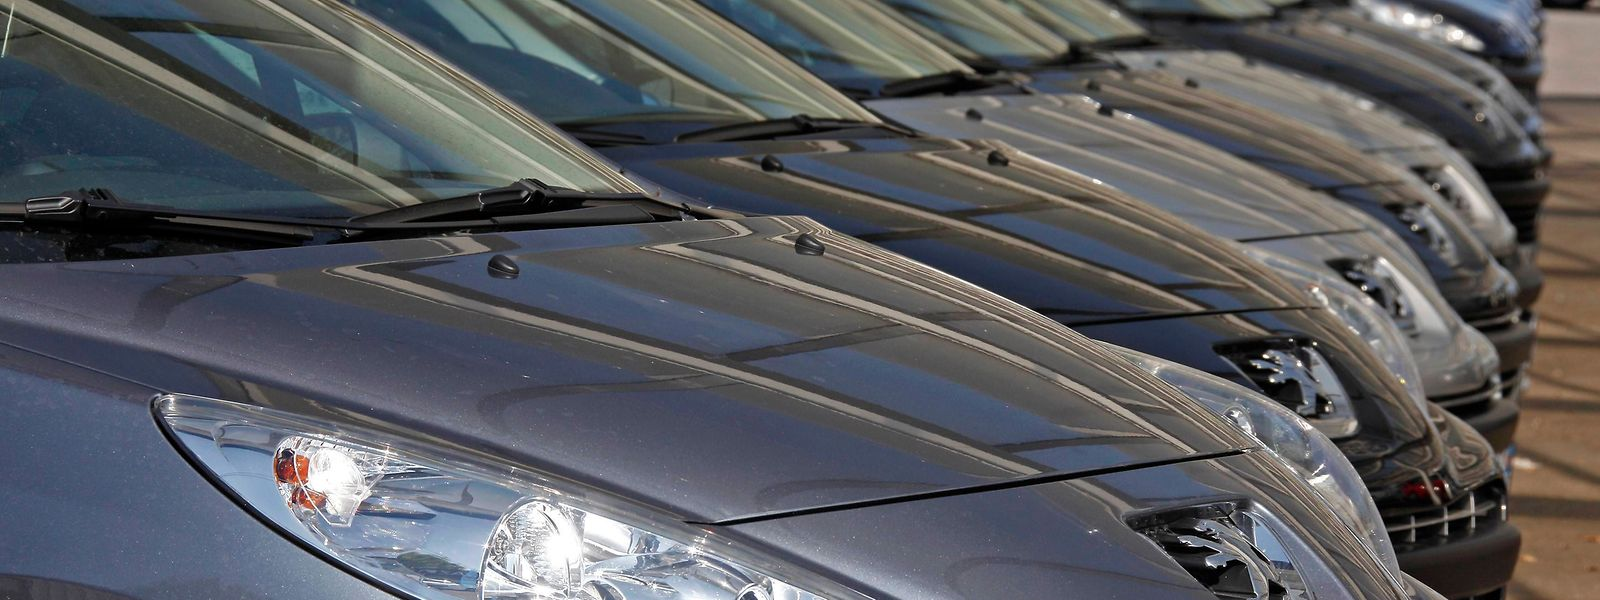 Pour l'ACL, une prime à la casse permettrait de relancer le secteur automobile. 80.000 véhicules pourraient être concernés.